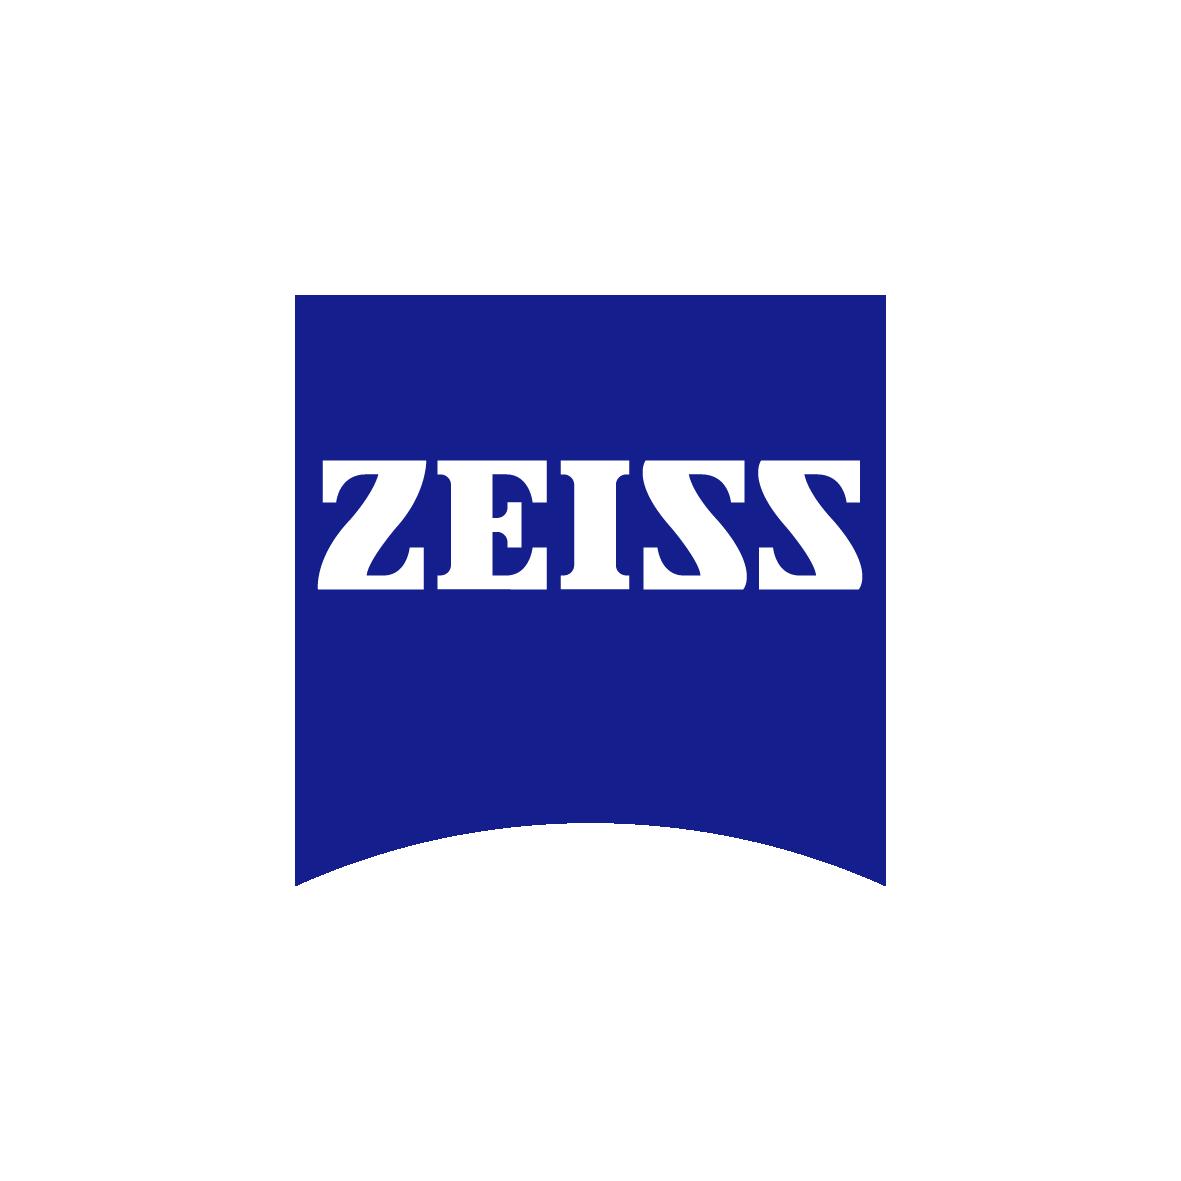 zeiss-logo-rgb